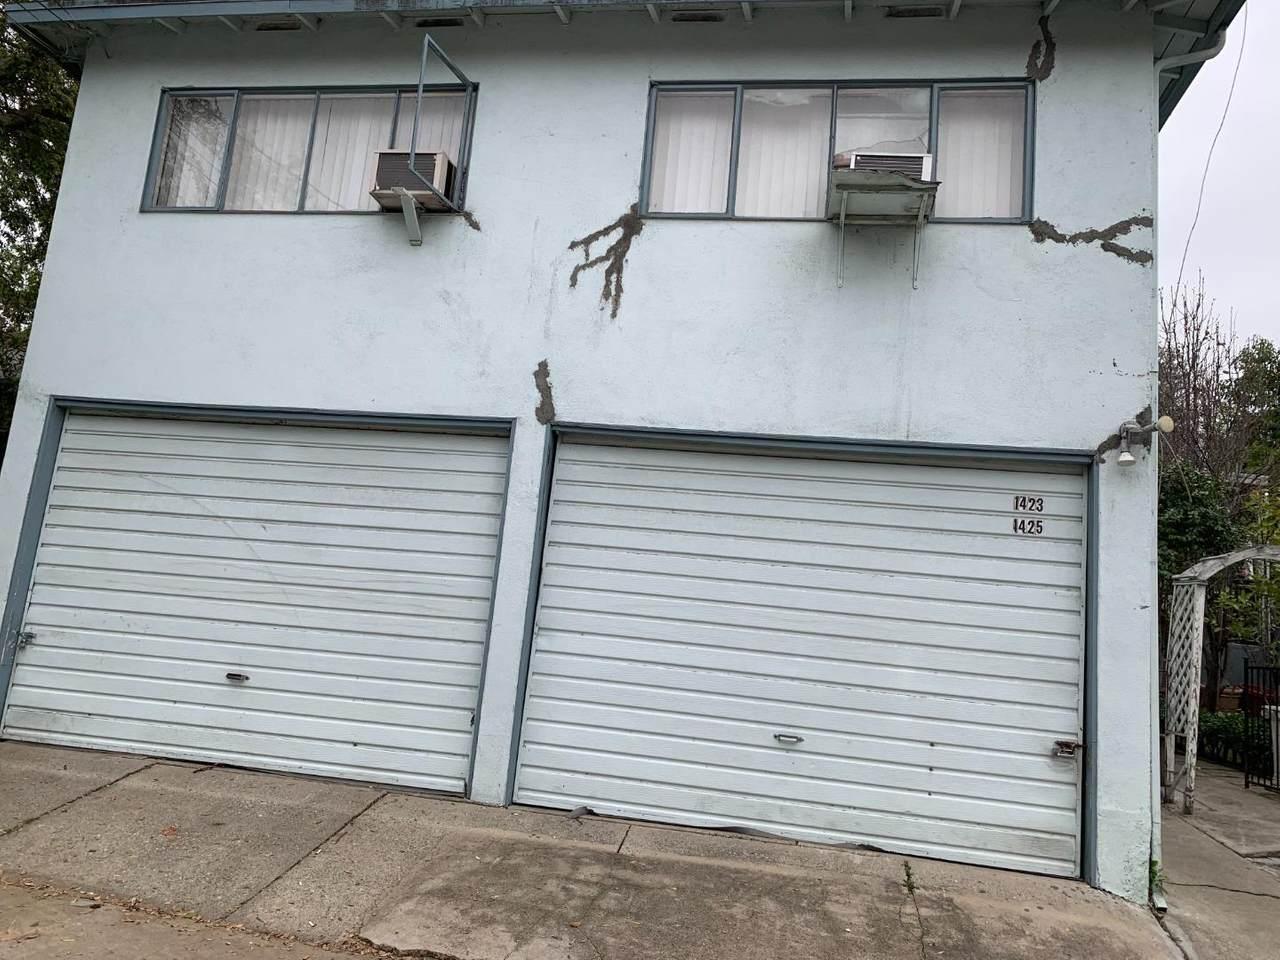 1423-1425 El Paso Drive - Photo 1